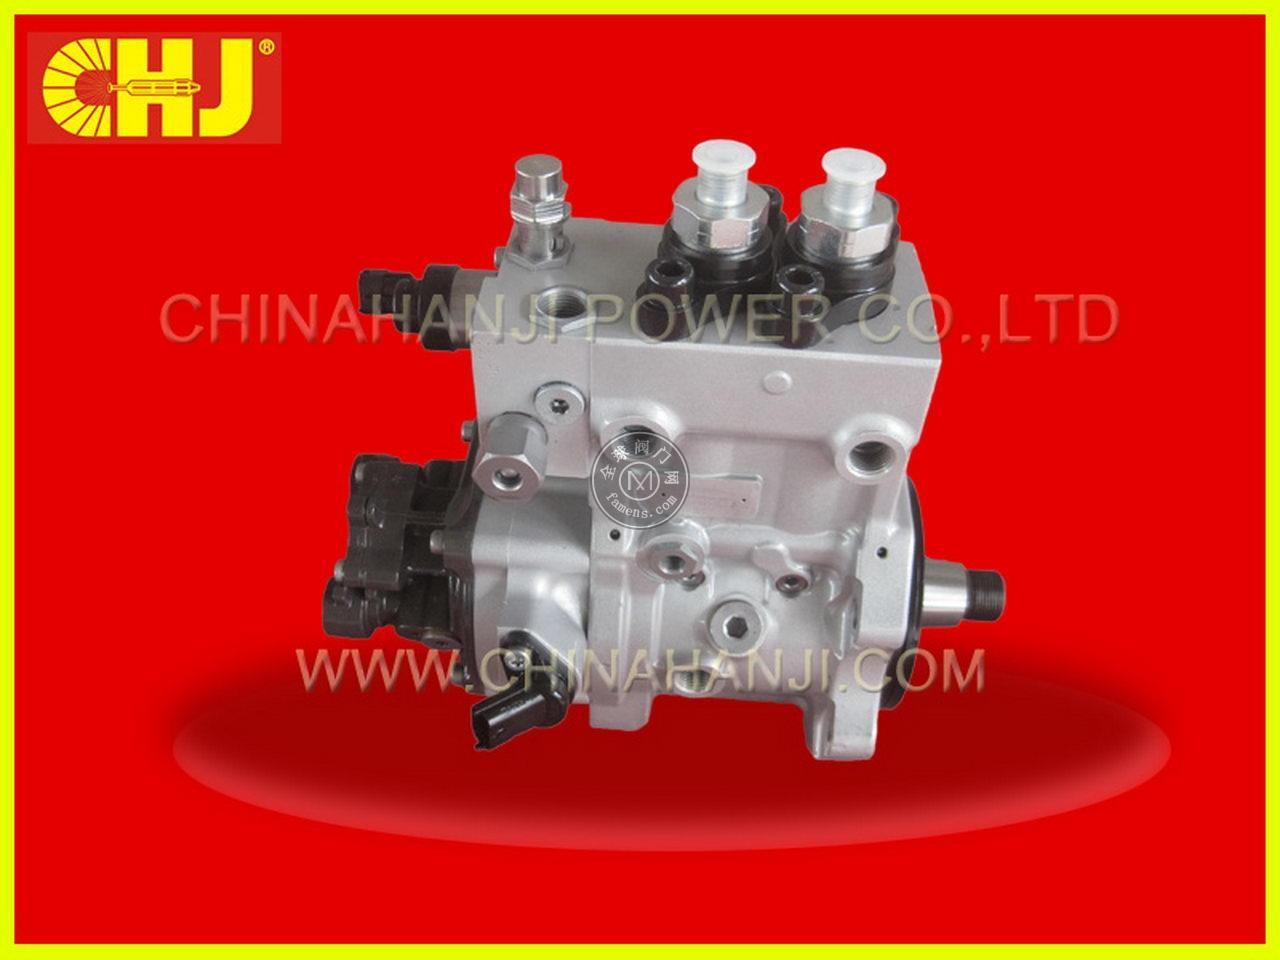 分配泵零配件系列(输油泵,传动轴,电磁阀). 3.图片